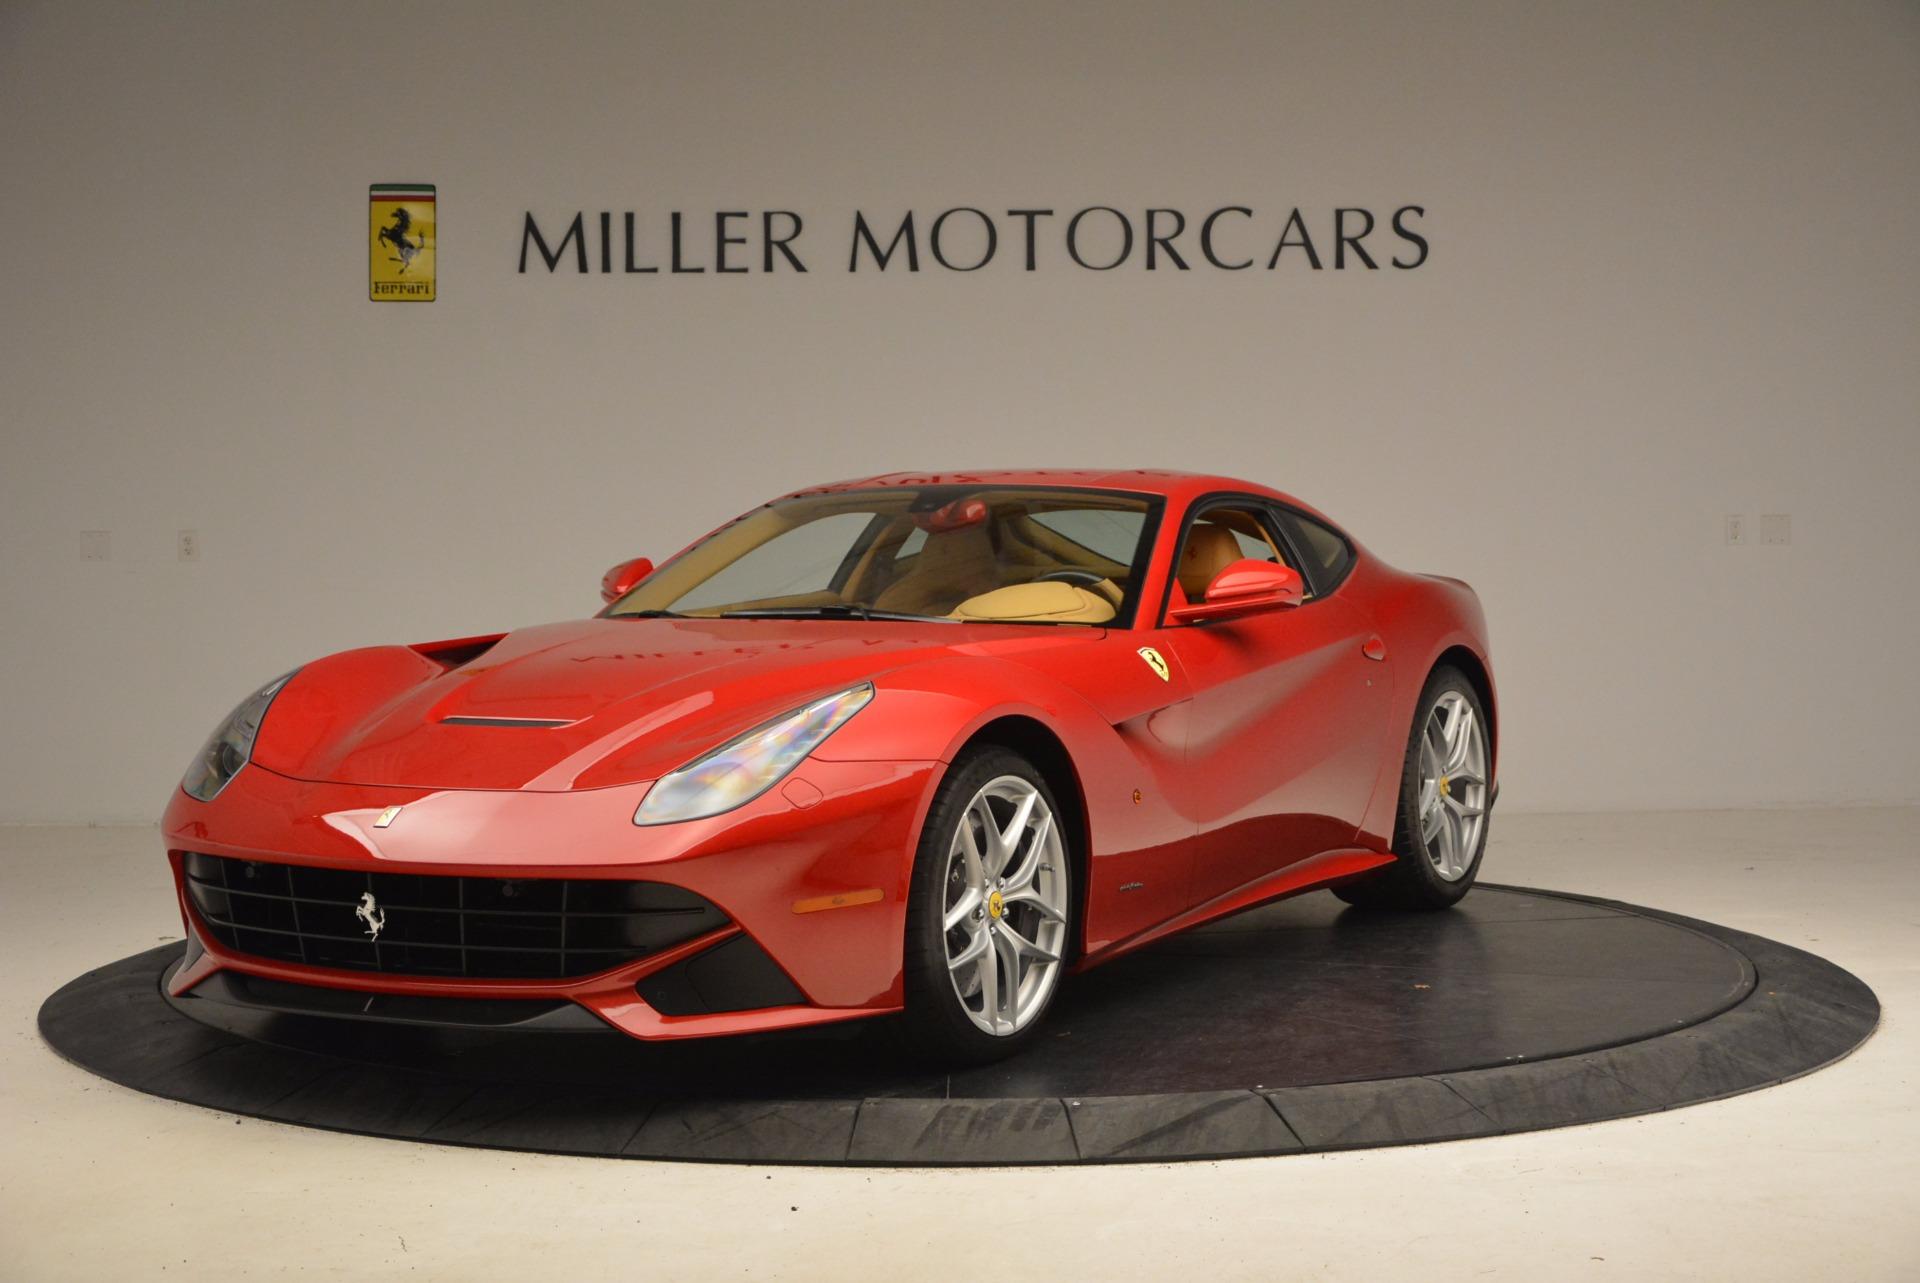 Used 2013 Ferrari F12 Berlinetta for sale Sold at Bugatti of Greenwich in Greenwich CT 06830 1